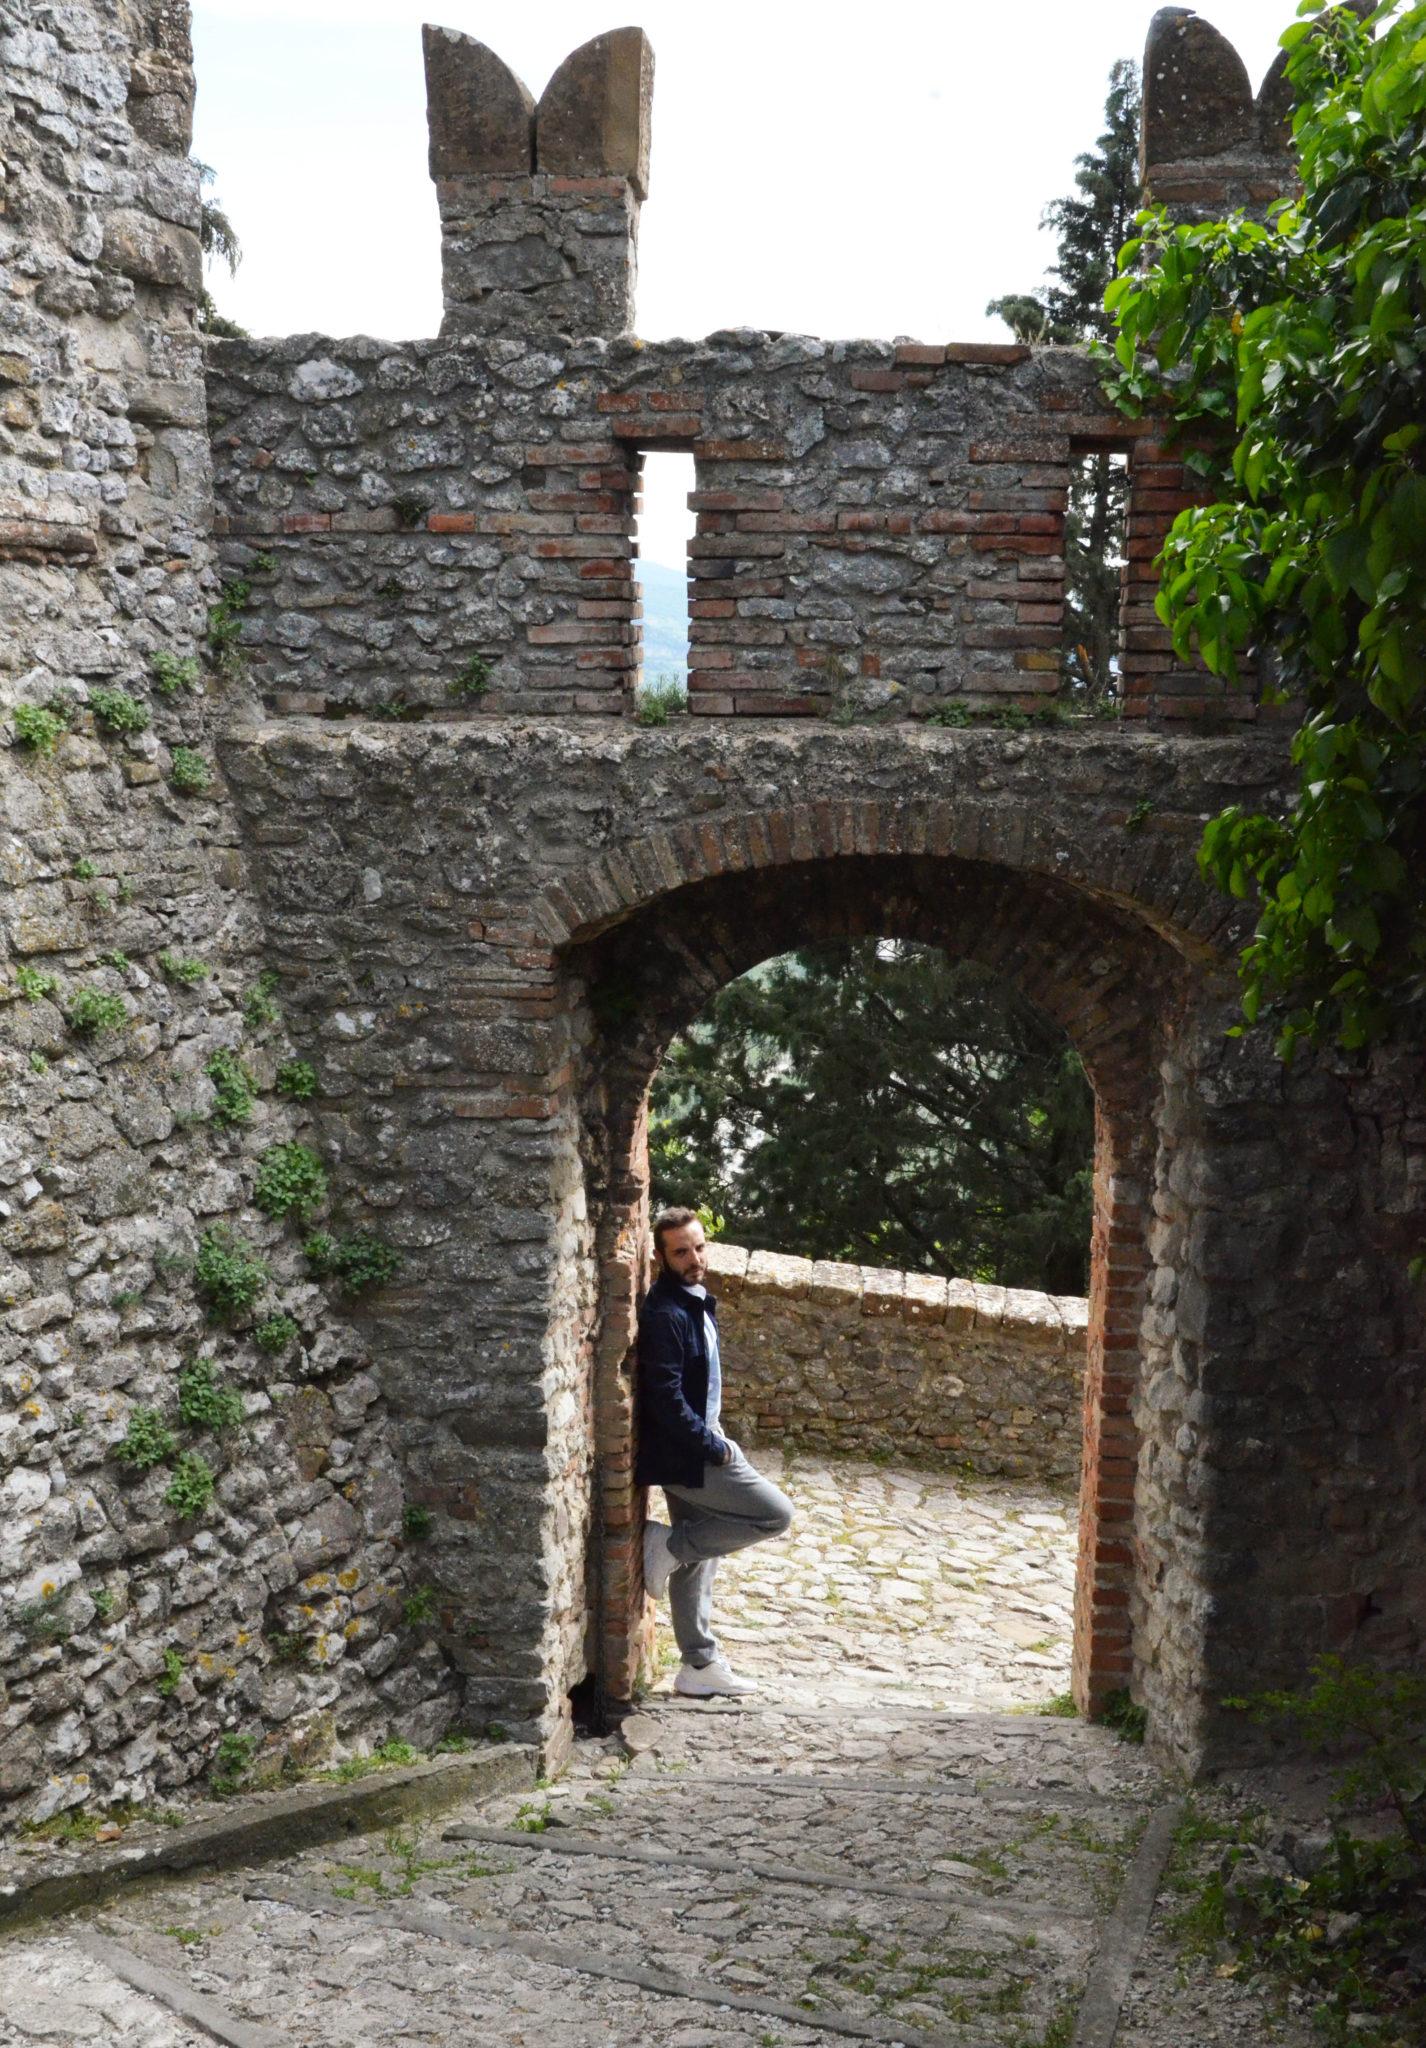 Fortezze, roccaforti di una volta, percorsi fra dimore abitate da voci d'altri tempi. Un giro in quattro castelli, e molti panorami, poco fuori Riccione